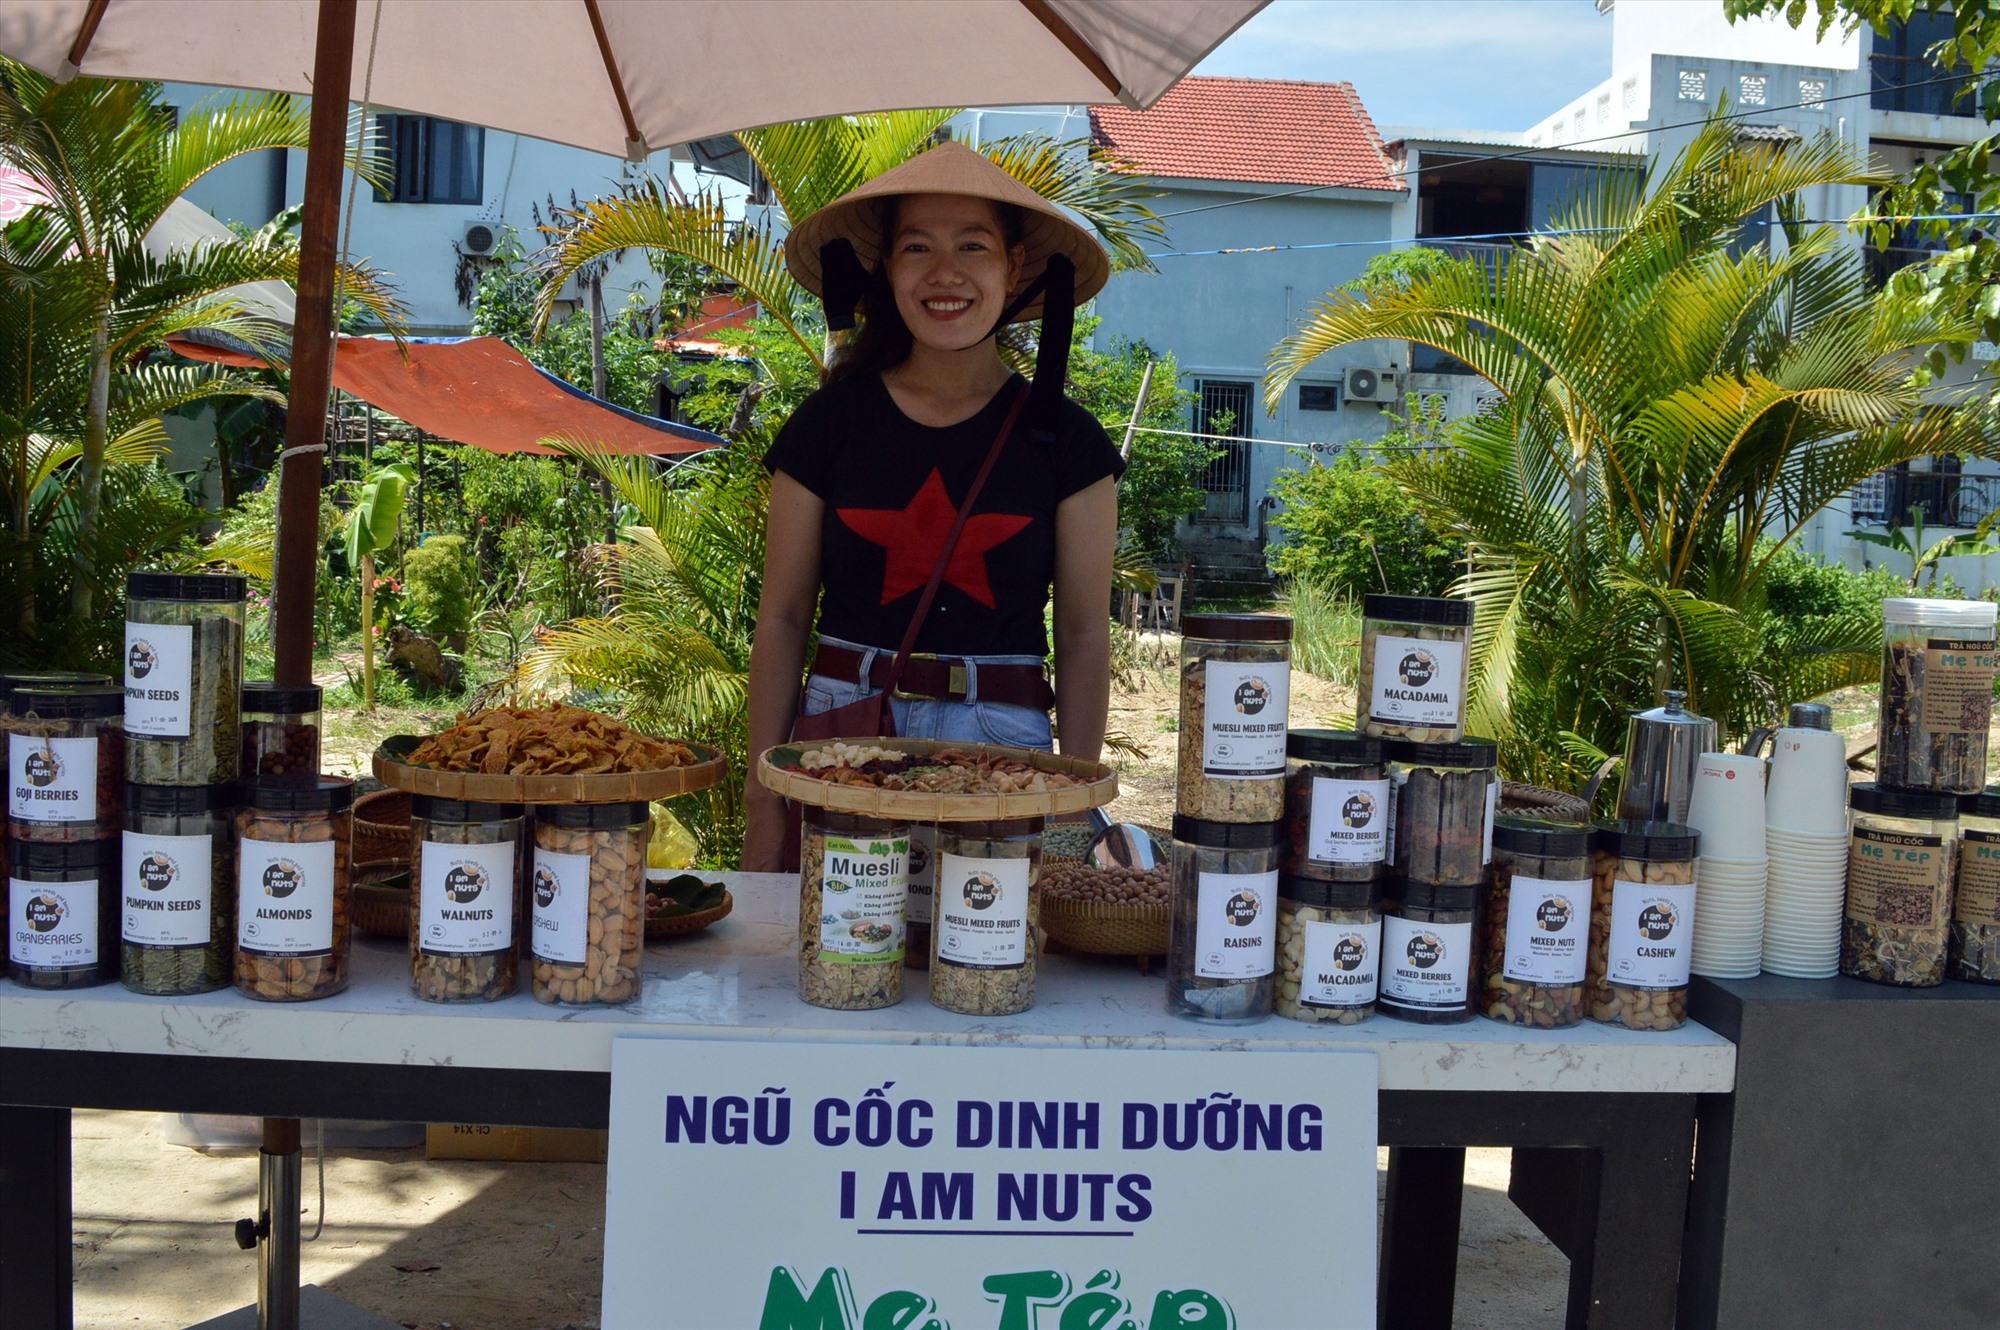 Tiêu thụ sản phẩm Ngũ cốc dinh dưỡng Mẹ Tép chủ yếu thông qua giao dịch trực tuyến